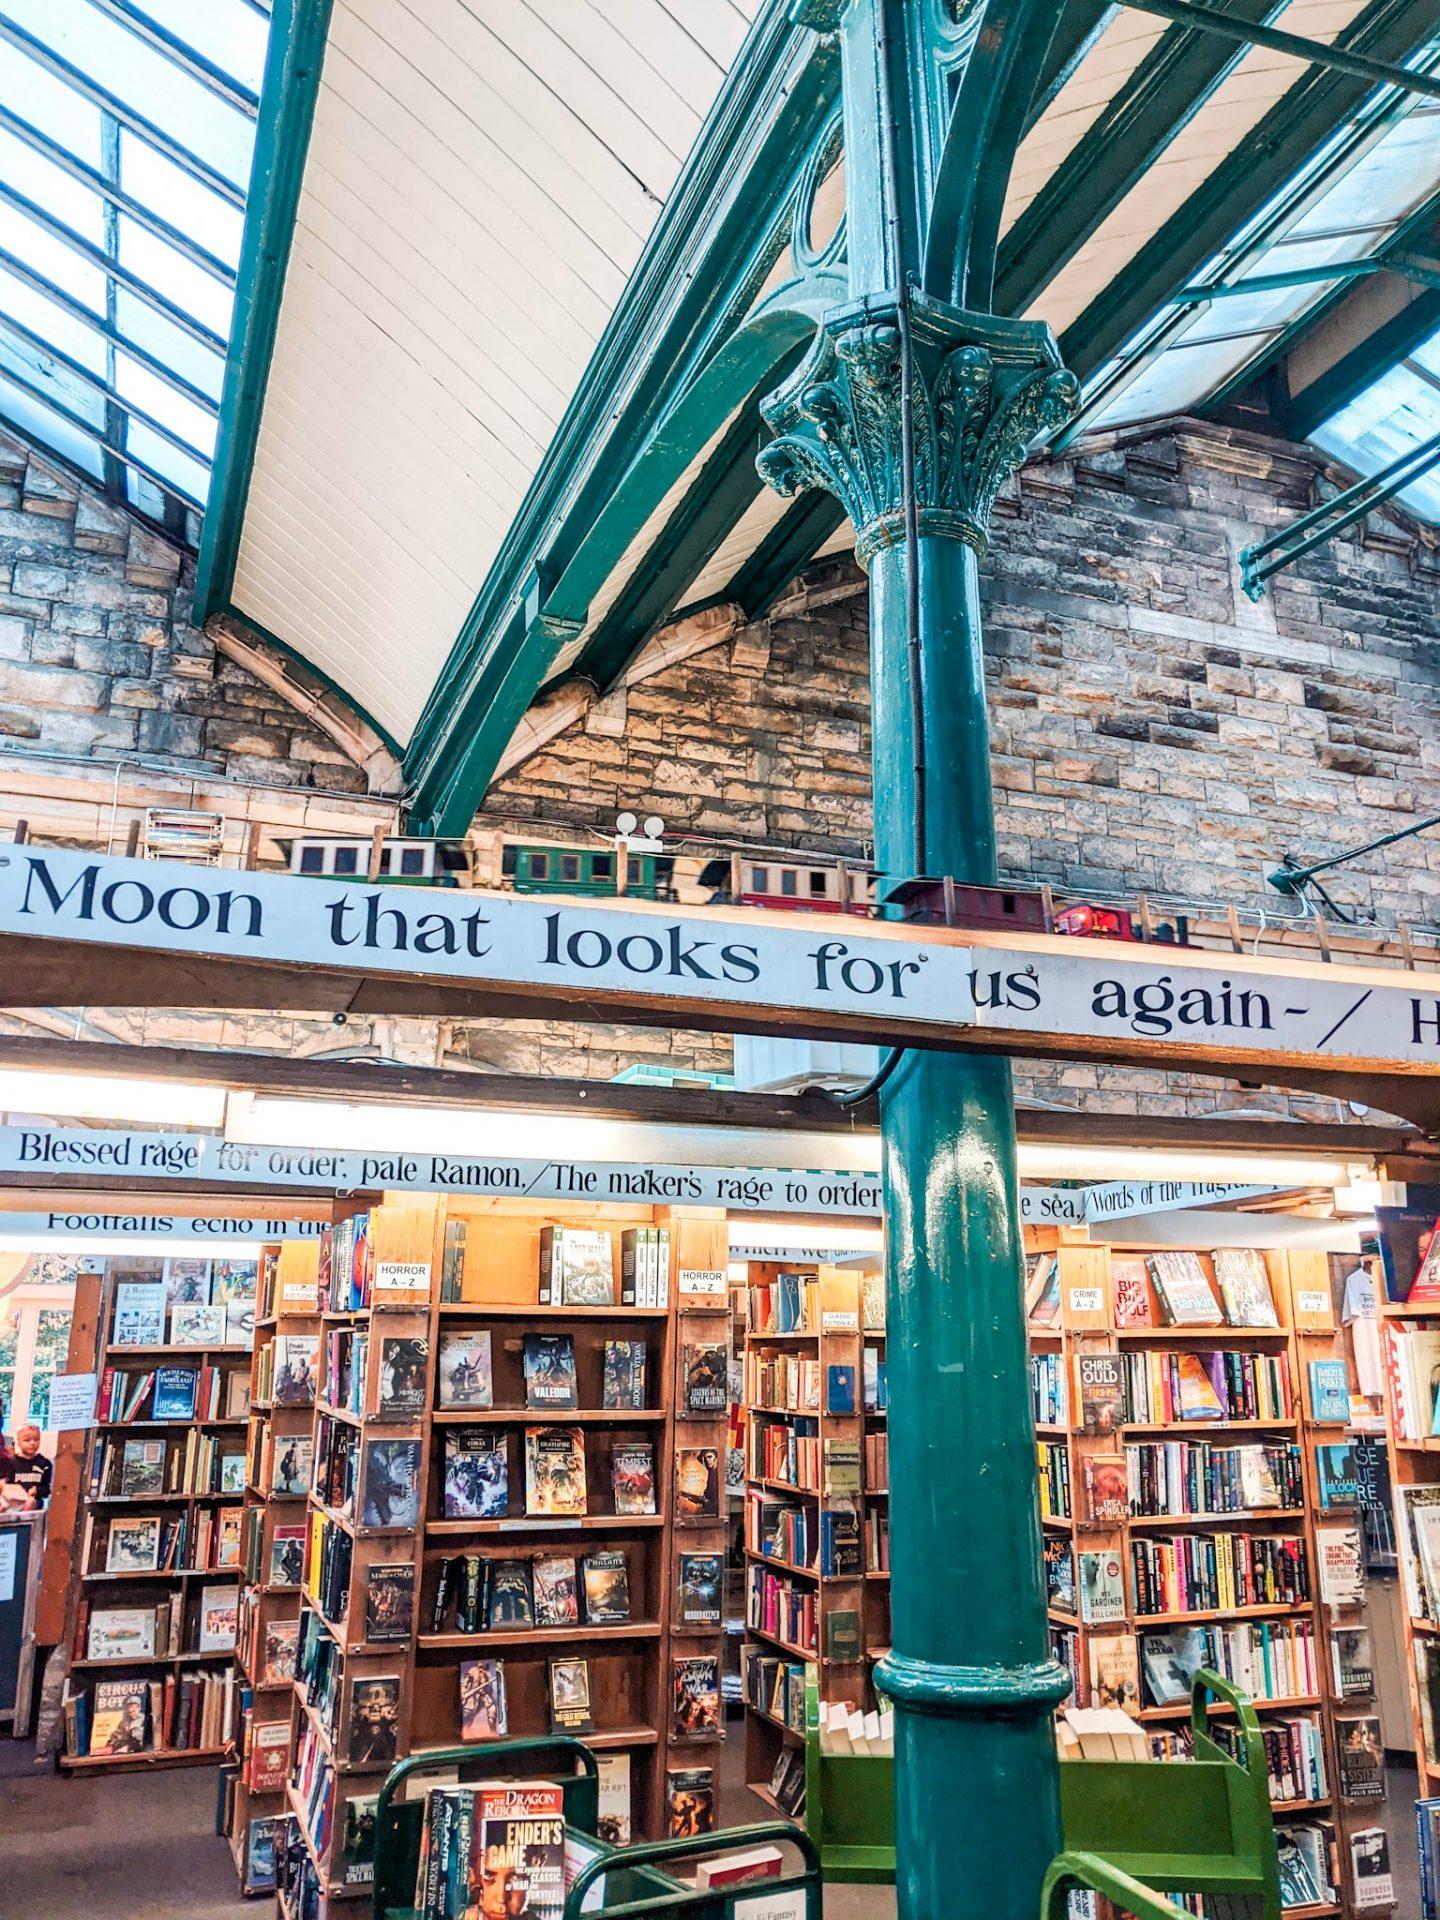 The model railway running above the bookshelves at Barter Books Alnwick